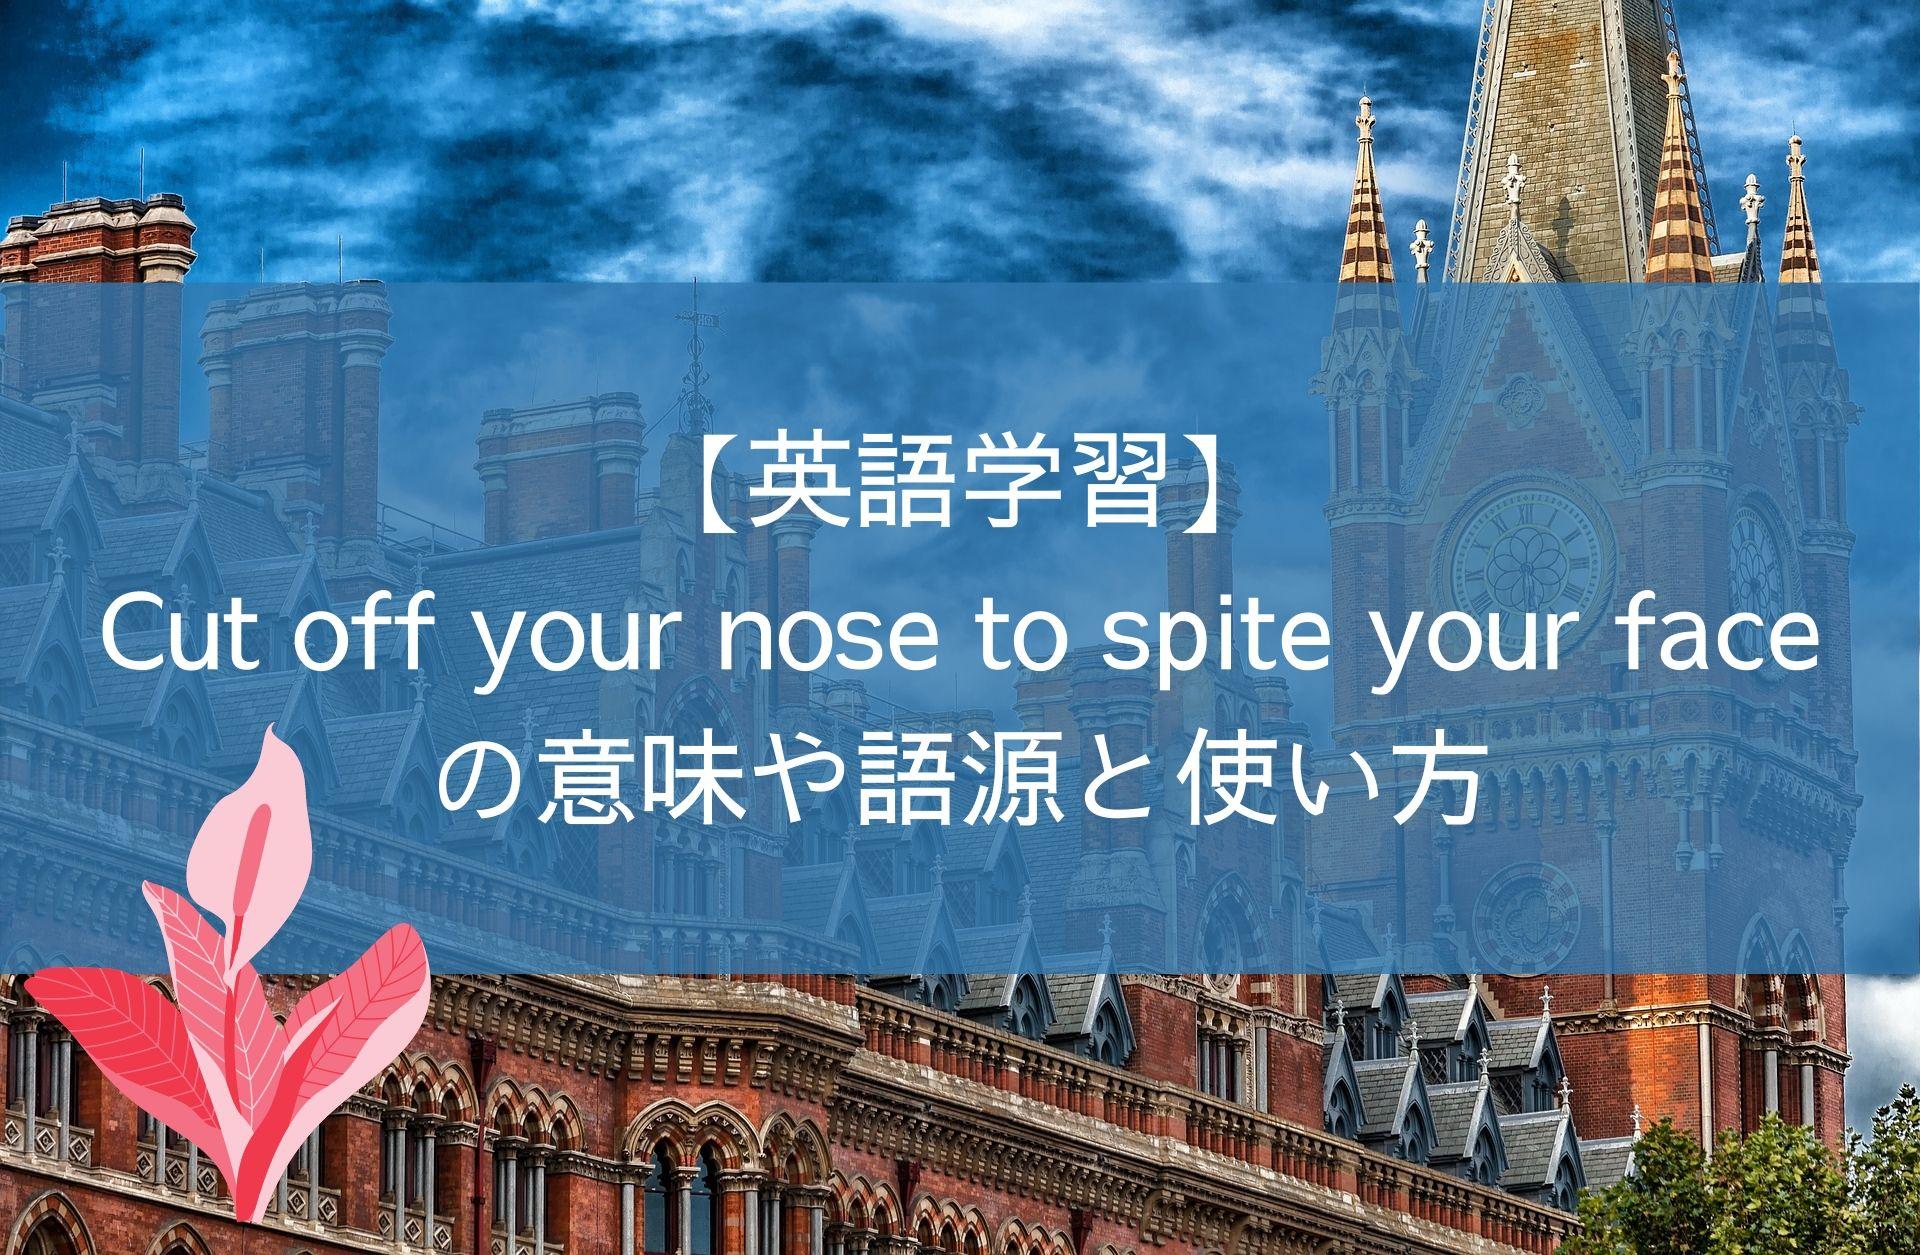 【英語学習】Cut off your nose to spite your faceの意味と使い方